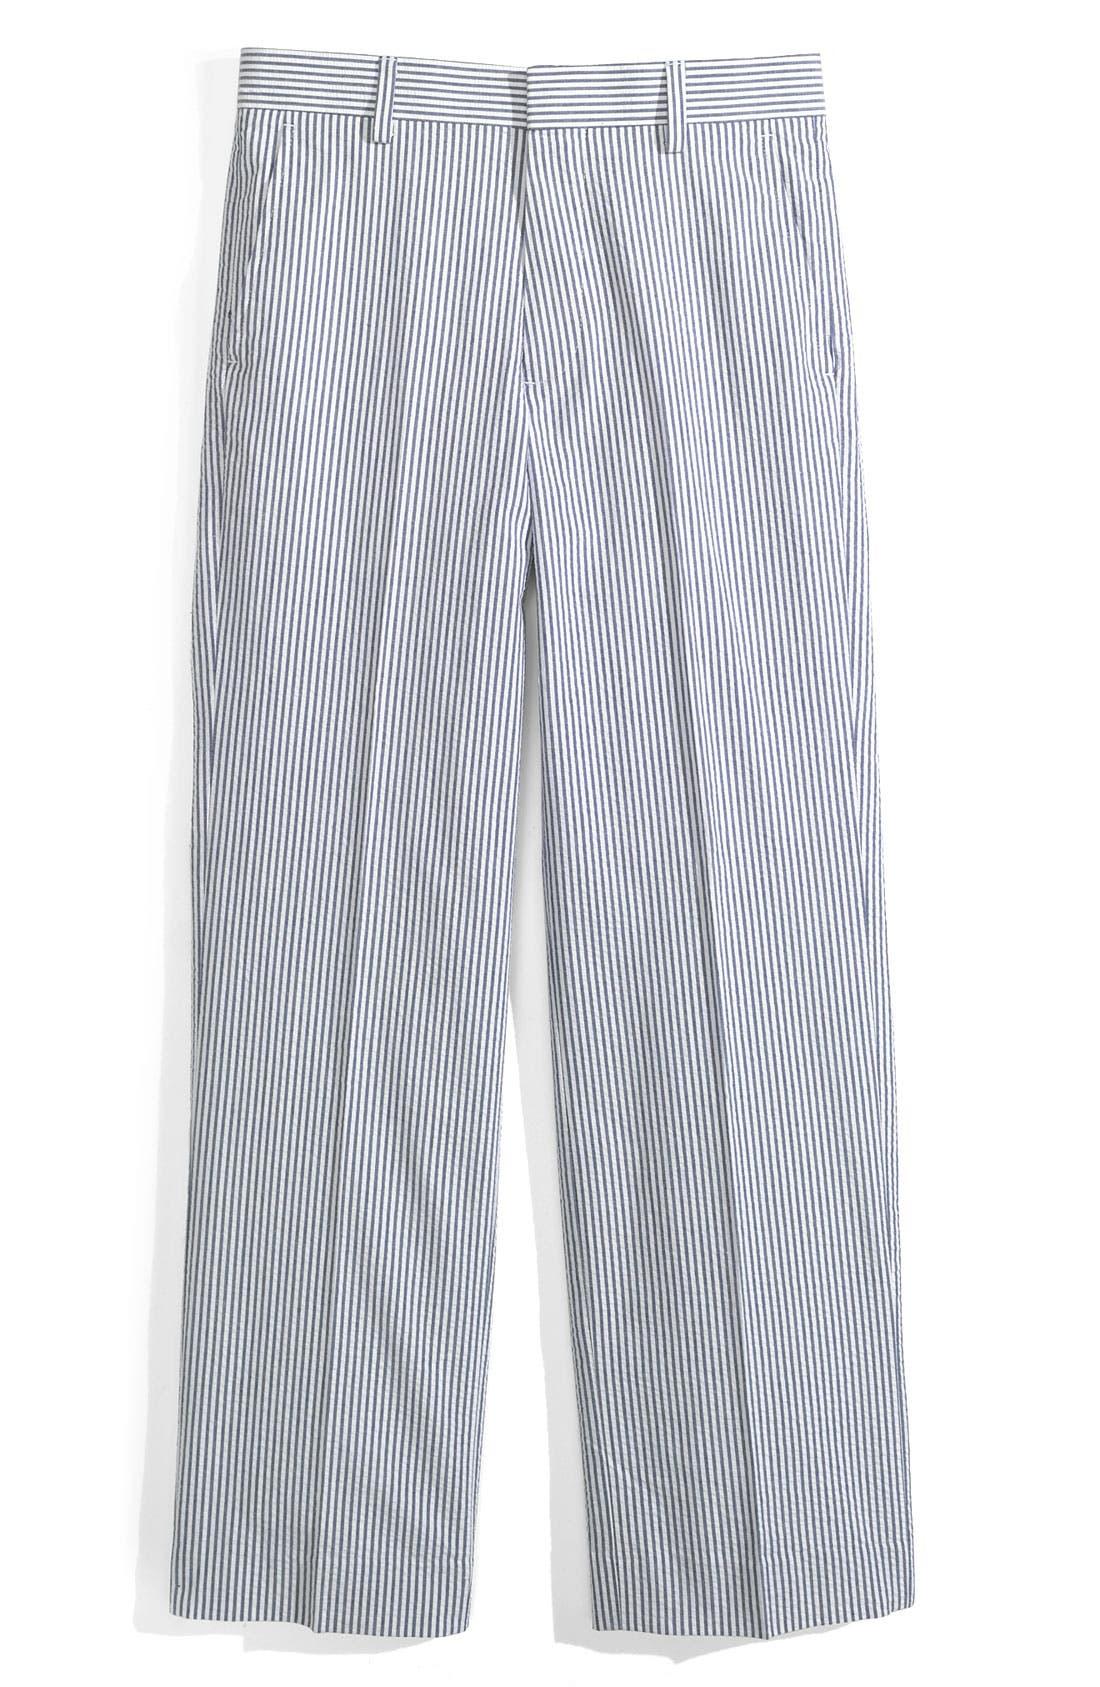 Seersucker Pants,                             Main thumbnail 1, color,                             Blue Stripe